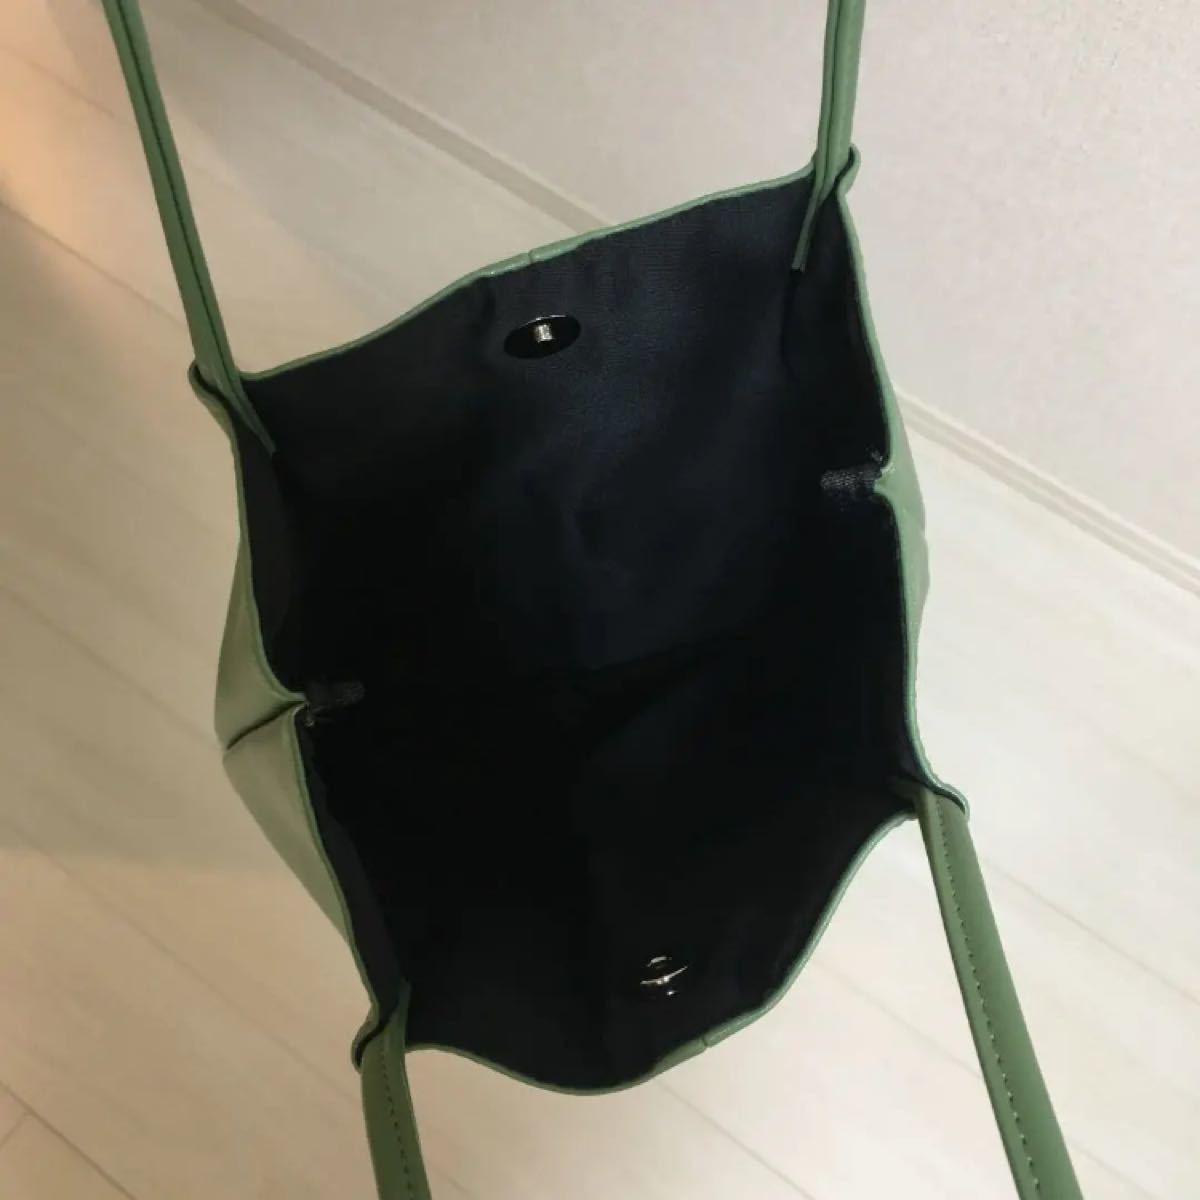 【ミニポーチ付き!】ピスタチオトートバッグ 新品未使用 グリーン トートバッグ